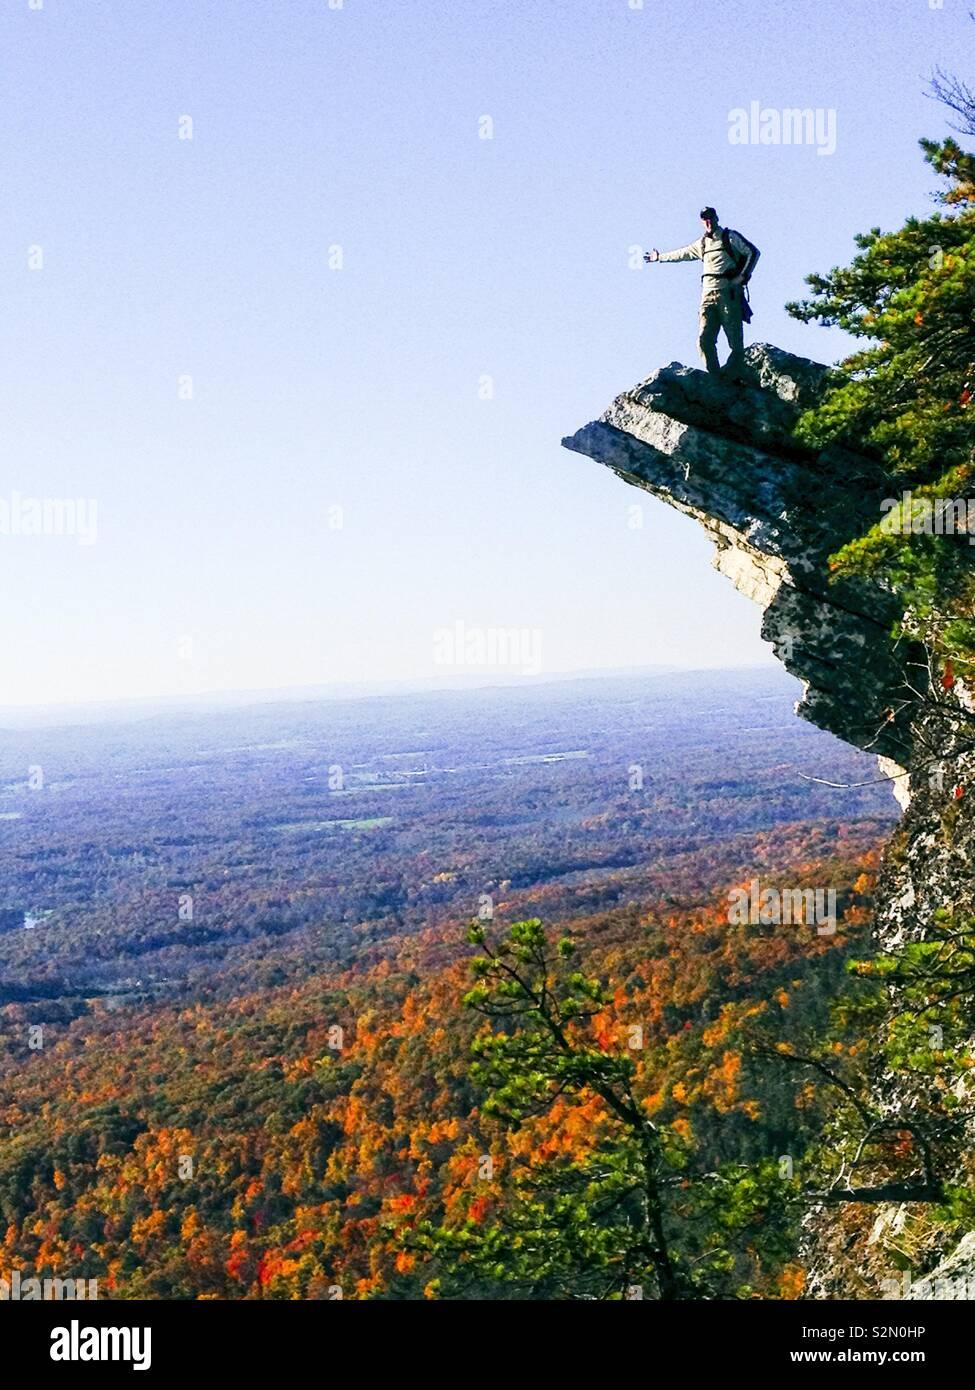 Escursionista in cima scoscesa affiorante nello Stato di New York Shawanagunks in autunno Foto Stock